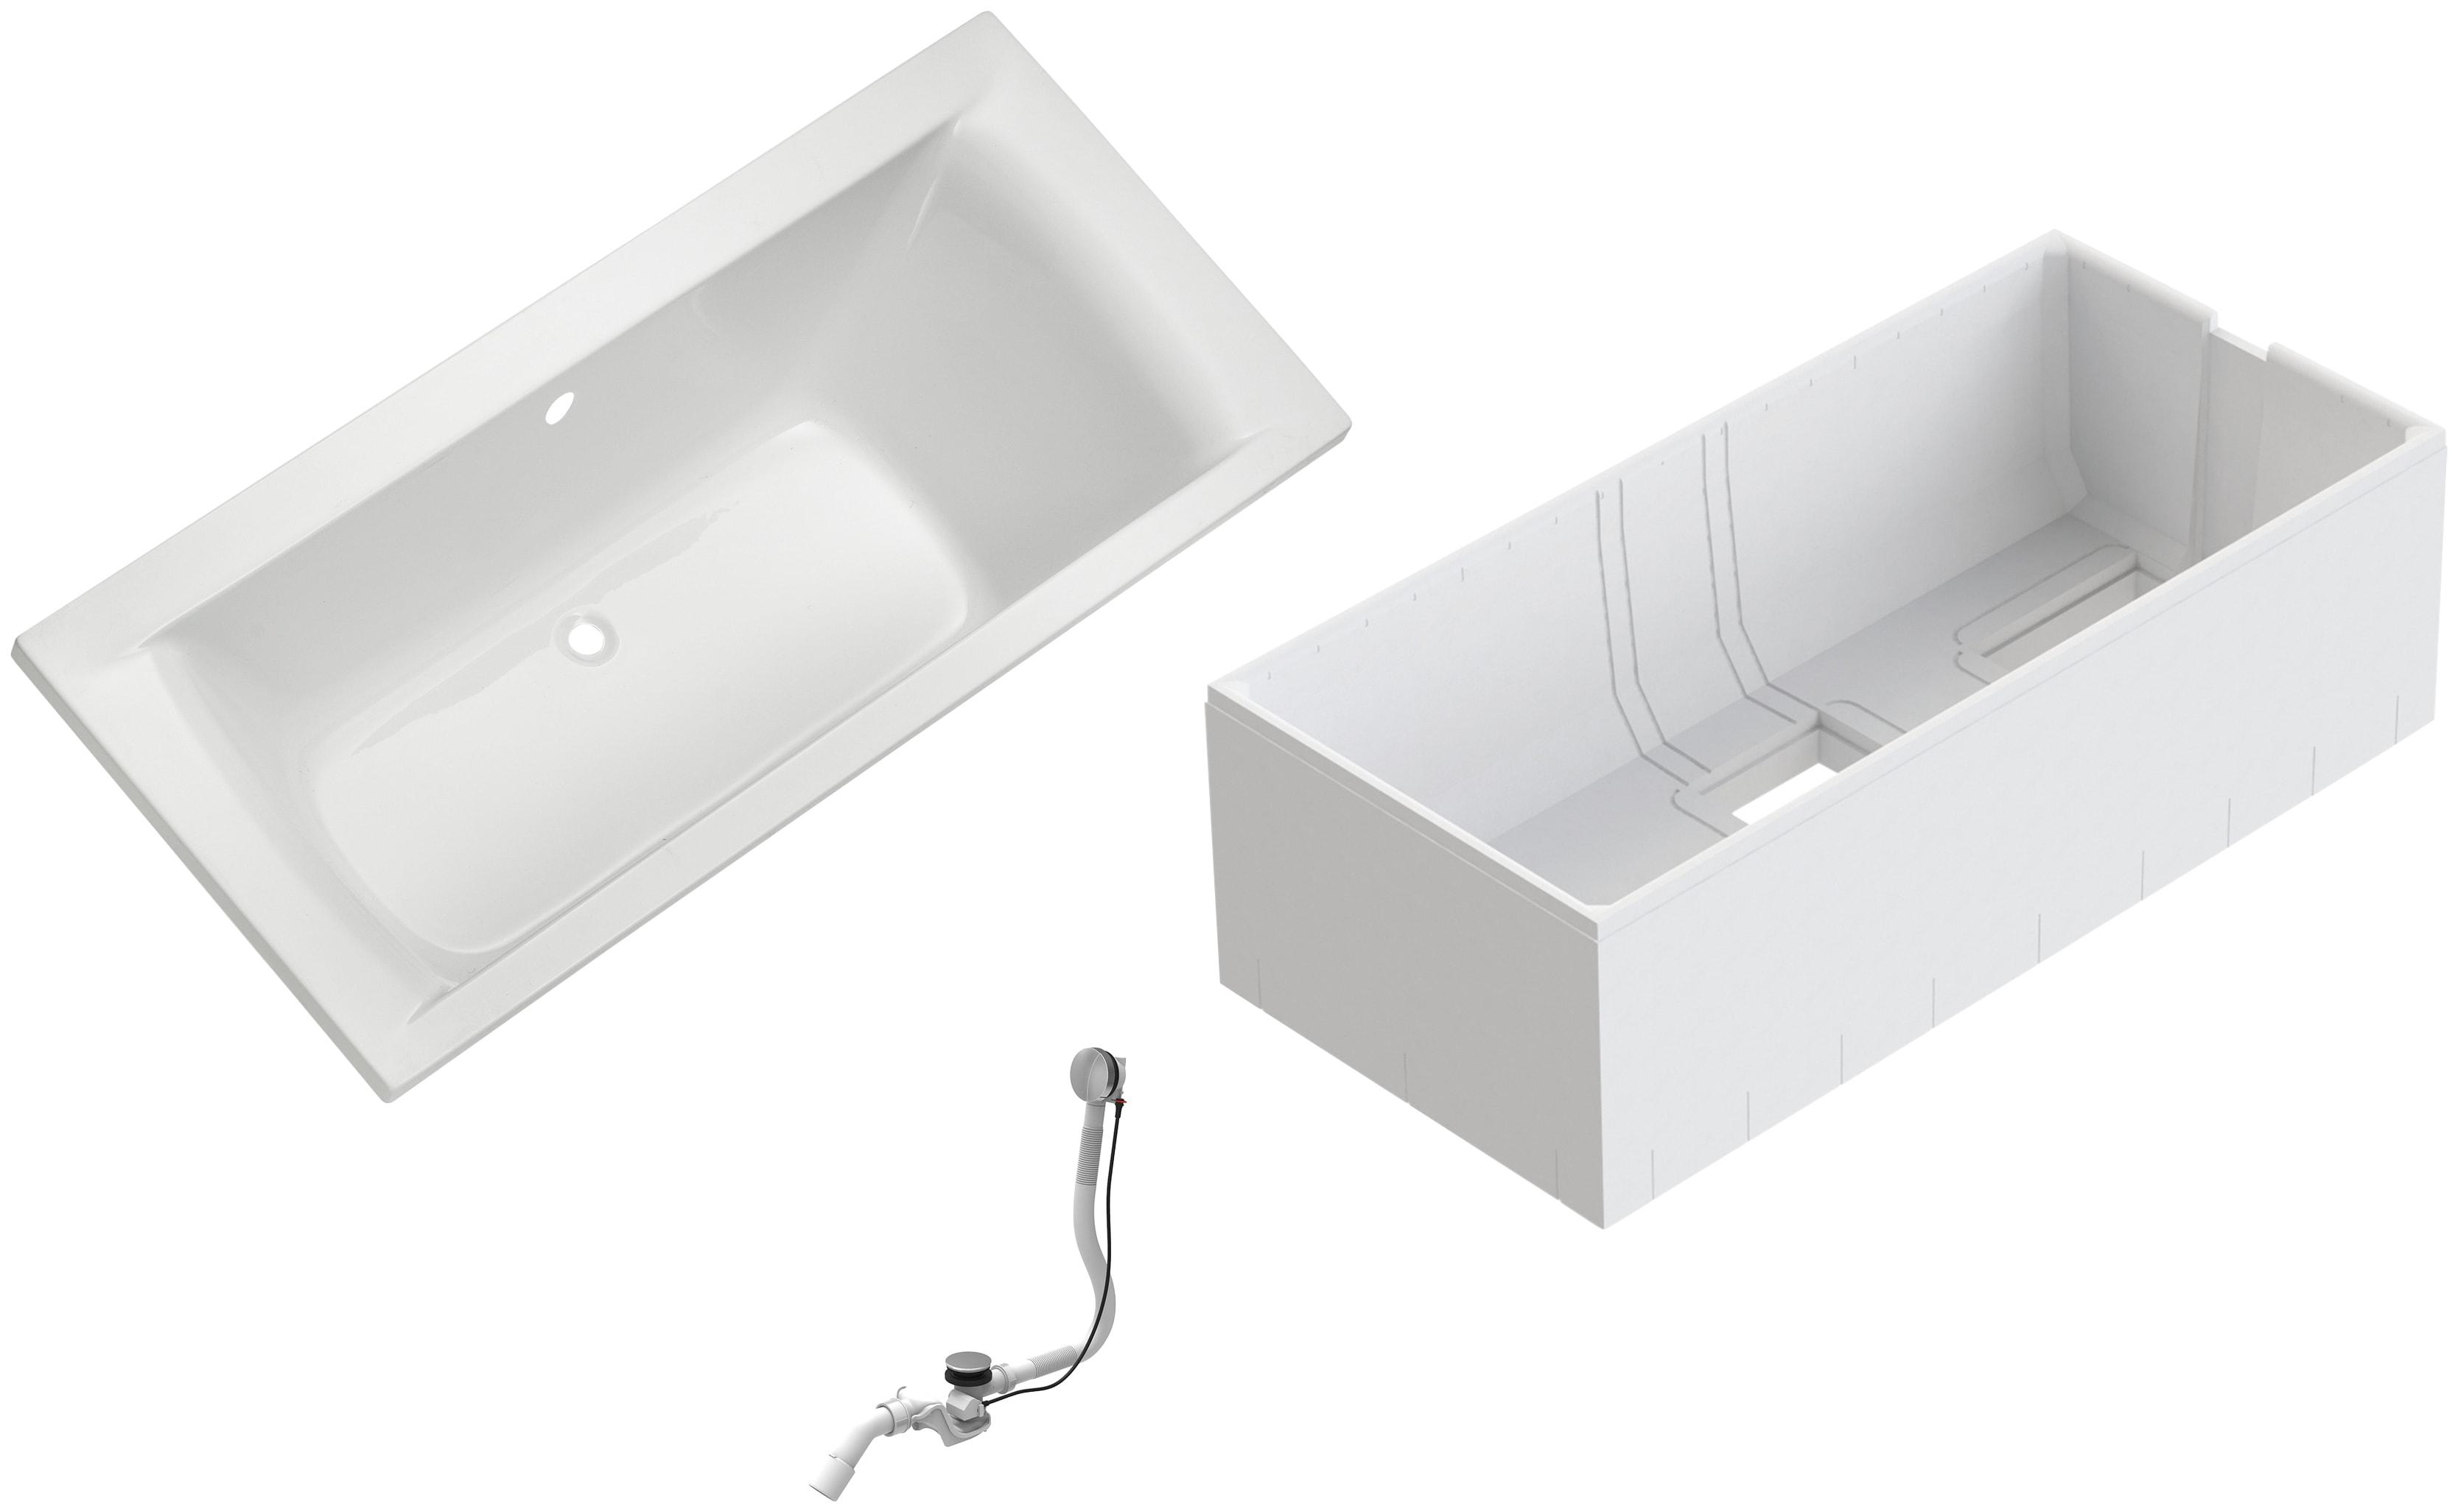 OTTOFOND Badewanne Set Duobadewanne, 1900/800 mm, Duobadewanne weiß Badewannen Whirlpools Bad Sanitär